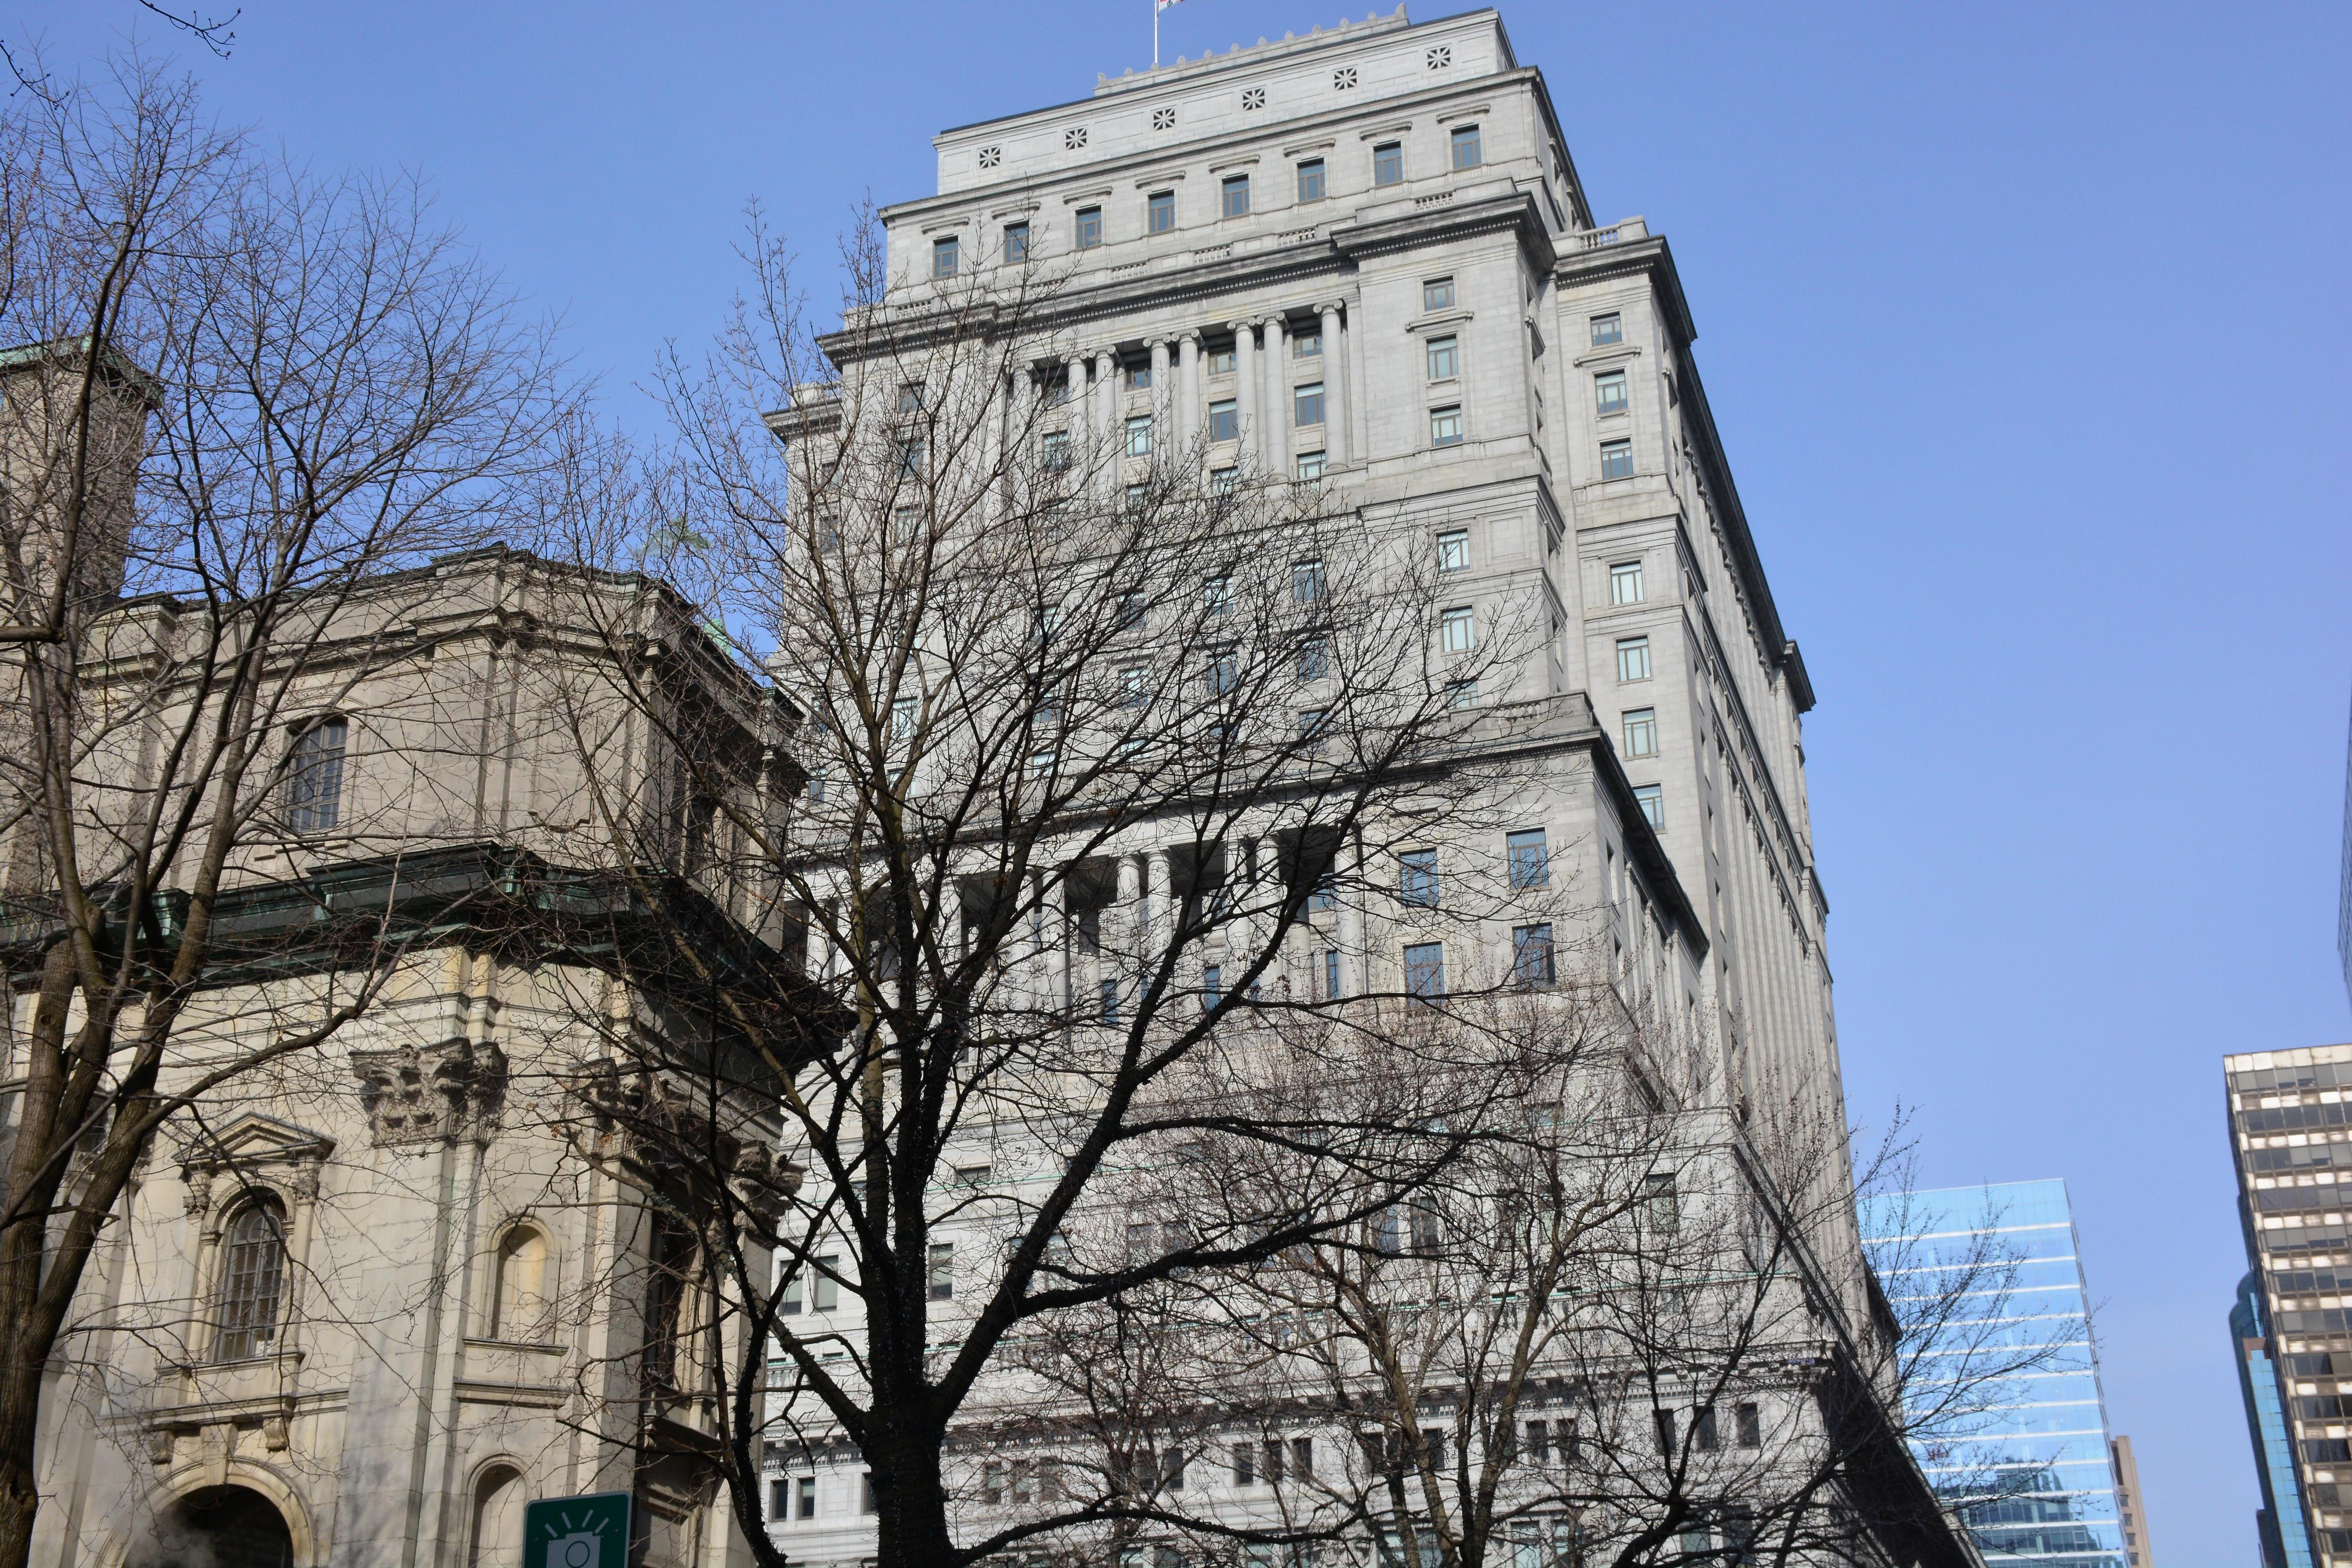 L'édifice Sun Life à Montréal est fait de pierres grises et se distingue par ses imposantes colonnes. Il est situé en face du Square Dorchester à Montréal.